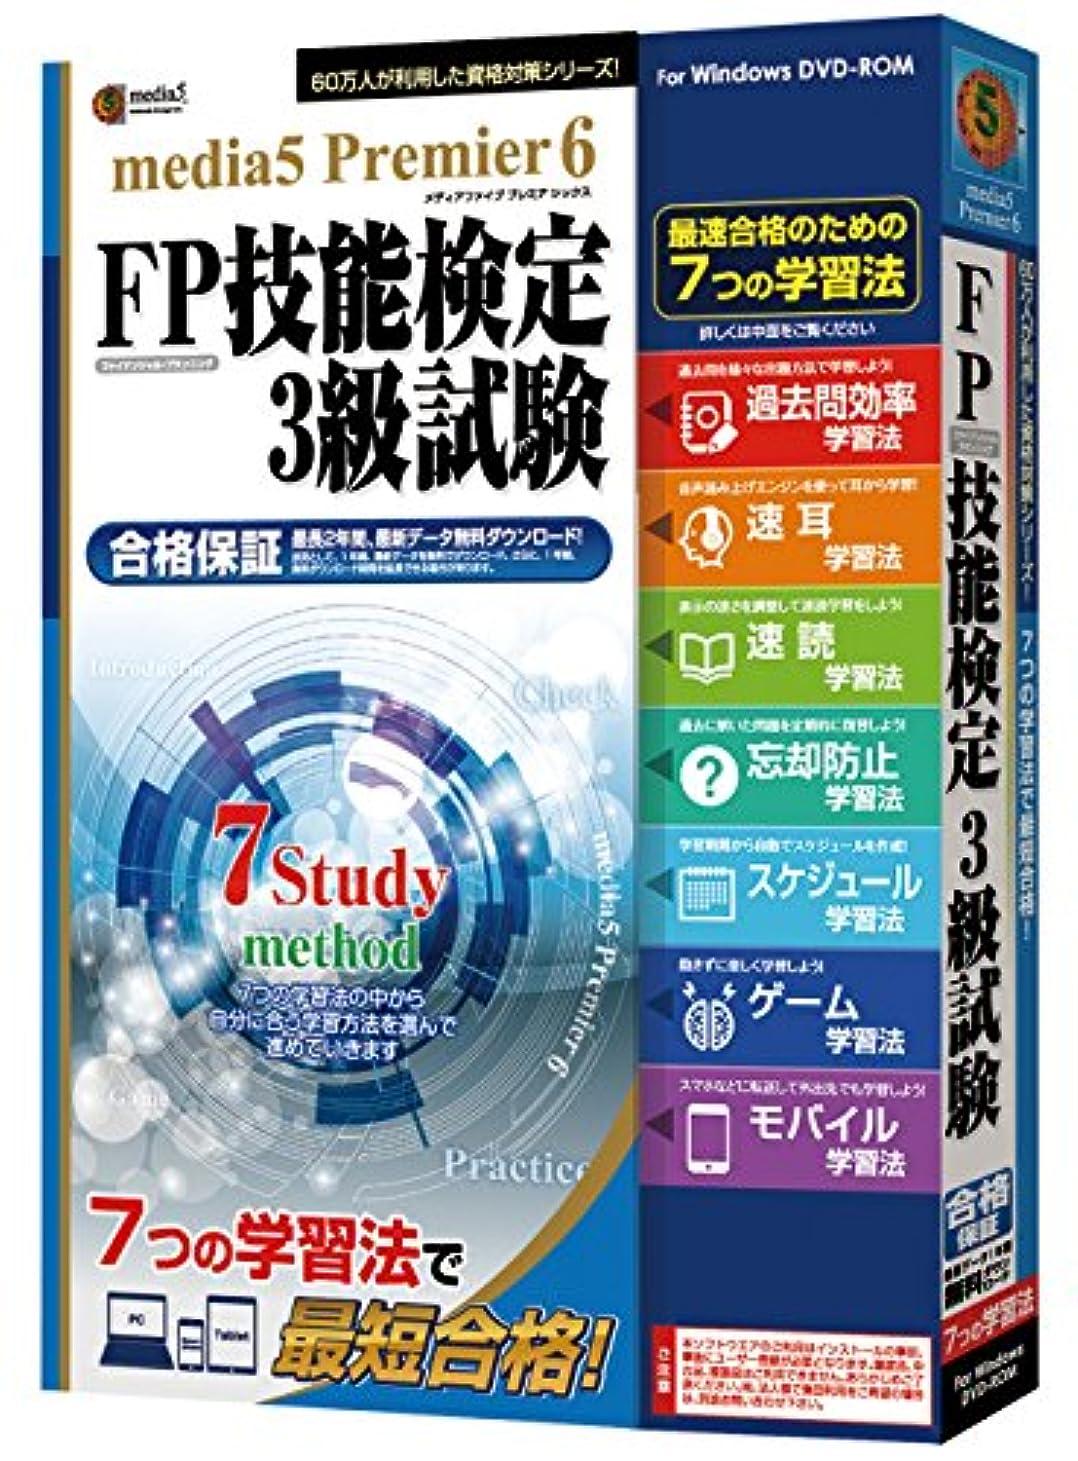 自分を引き上げる年次貧しいメディアファイブ プレミア6 7つの学習法 FP技能検定3級試験